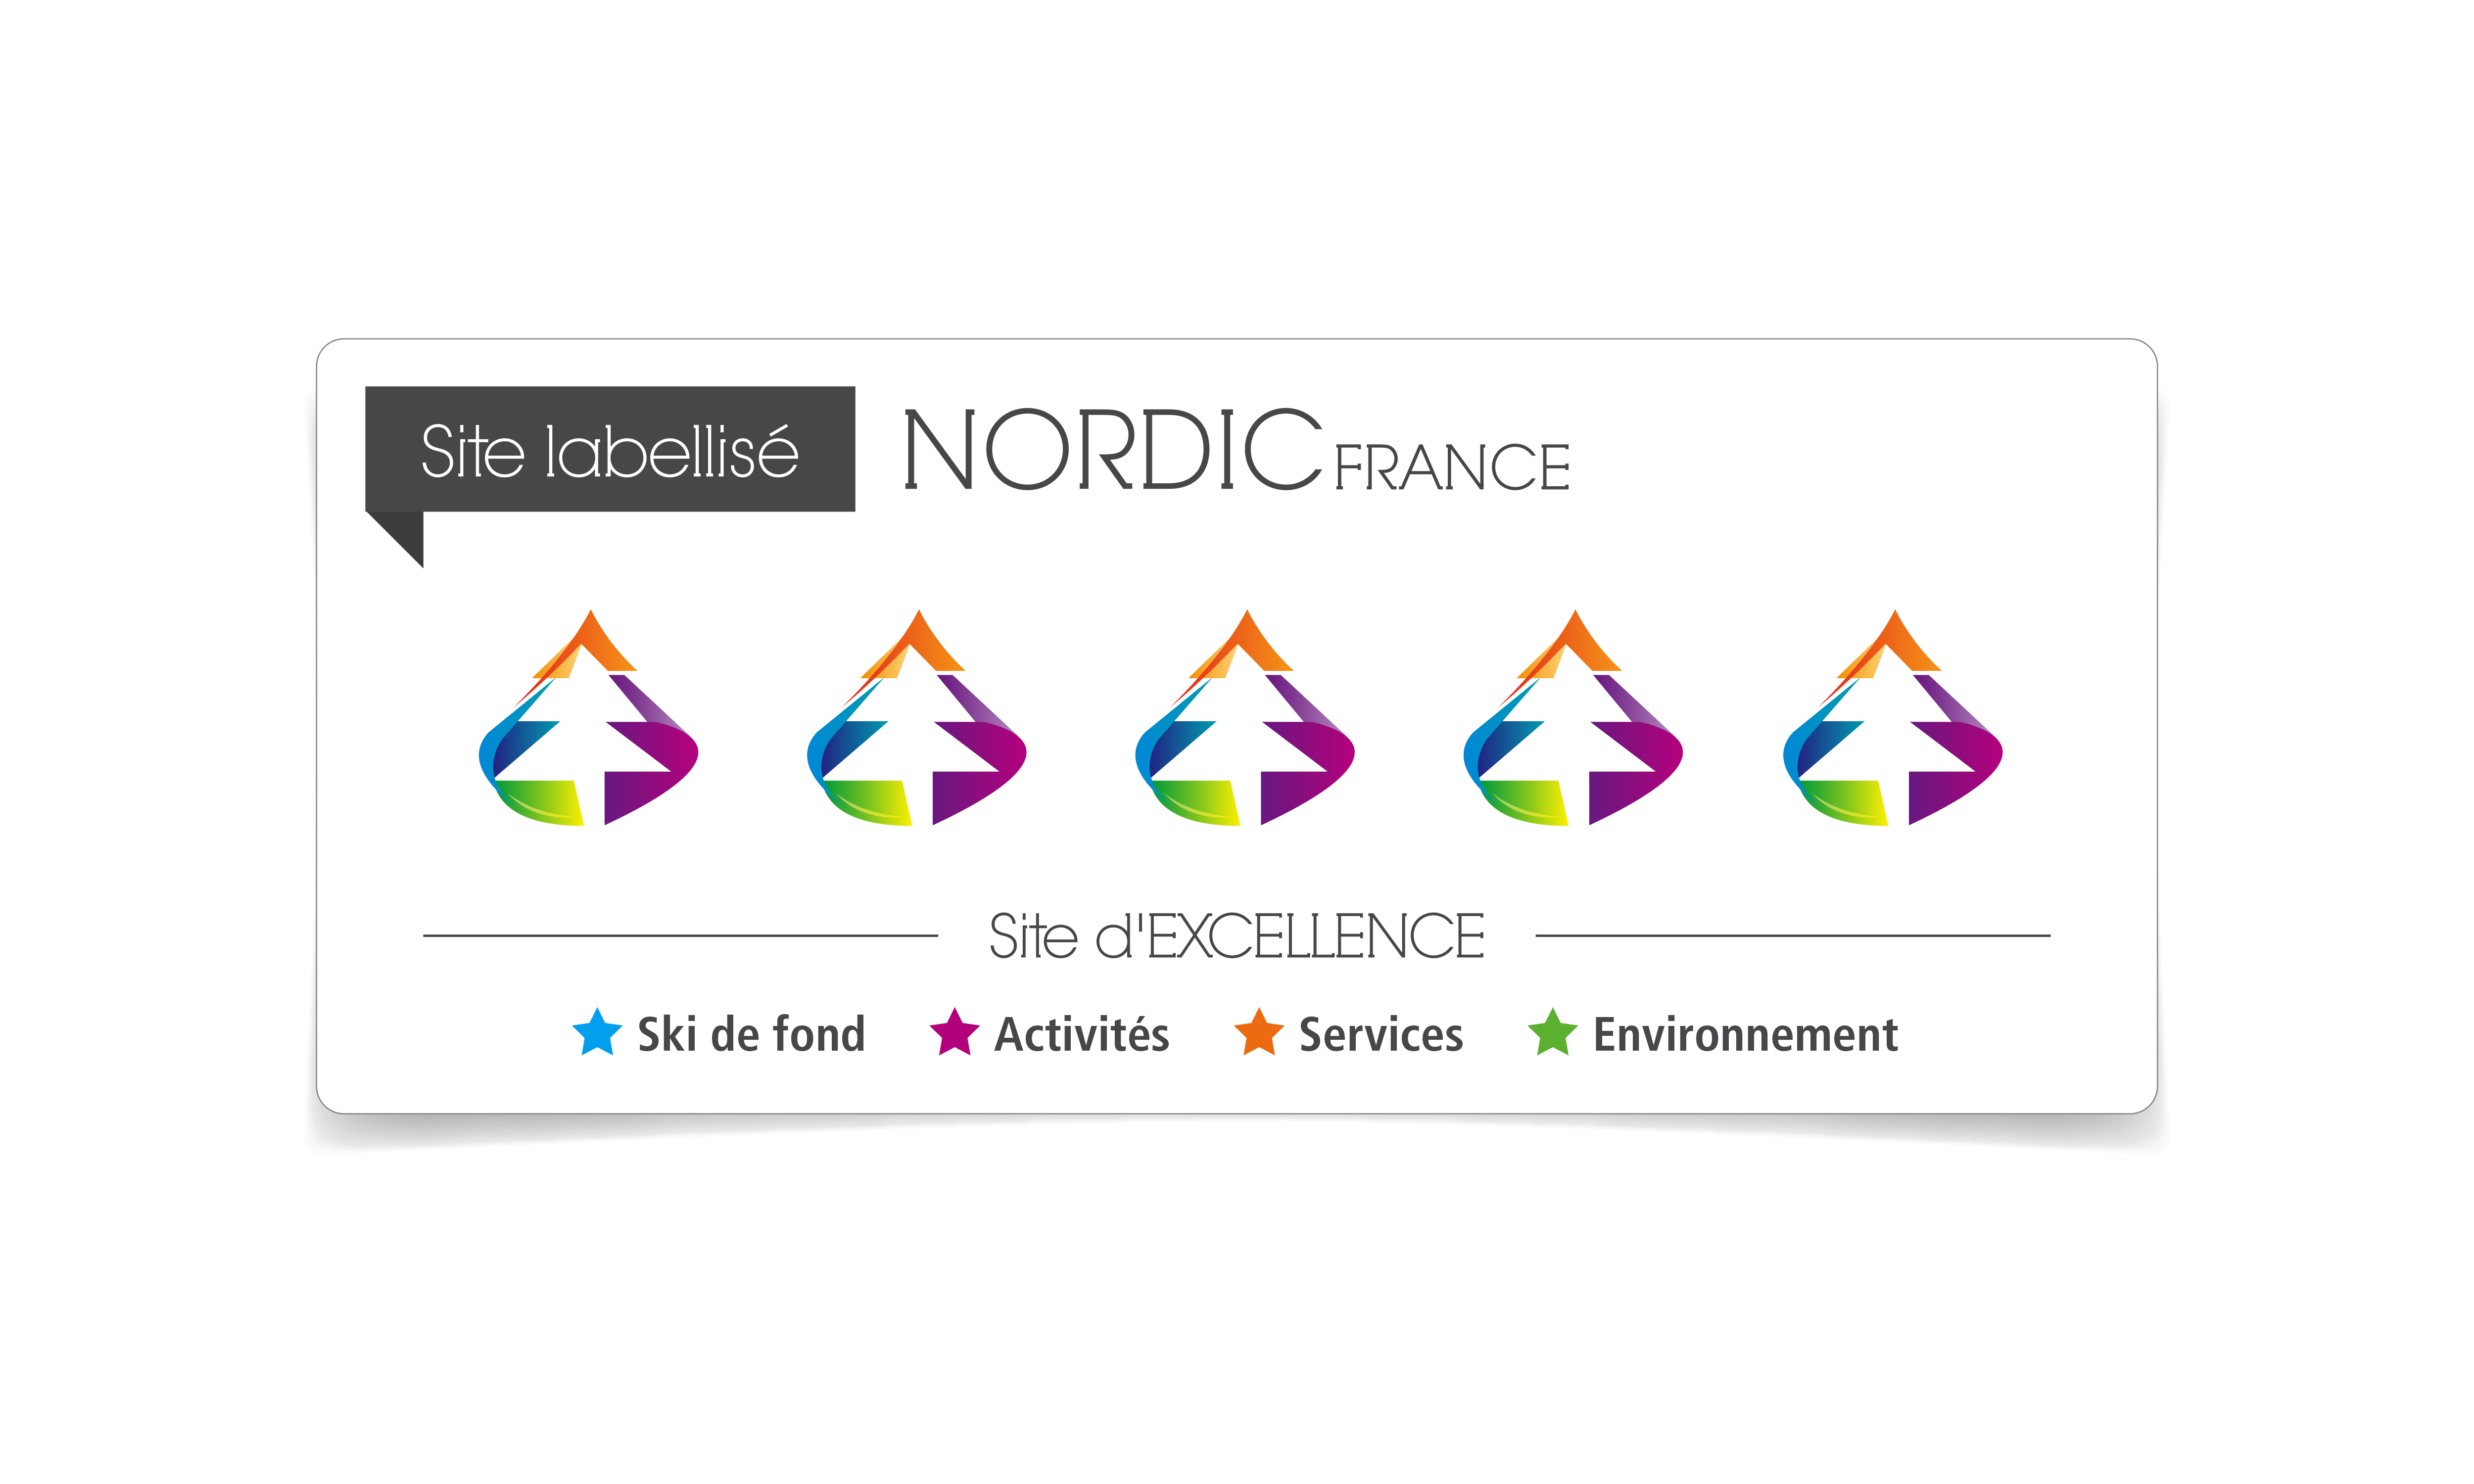 Station des rousses site officiel de l 39 office de tourisme ski nordique - Office du tourisme les rousses ...